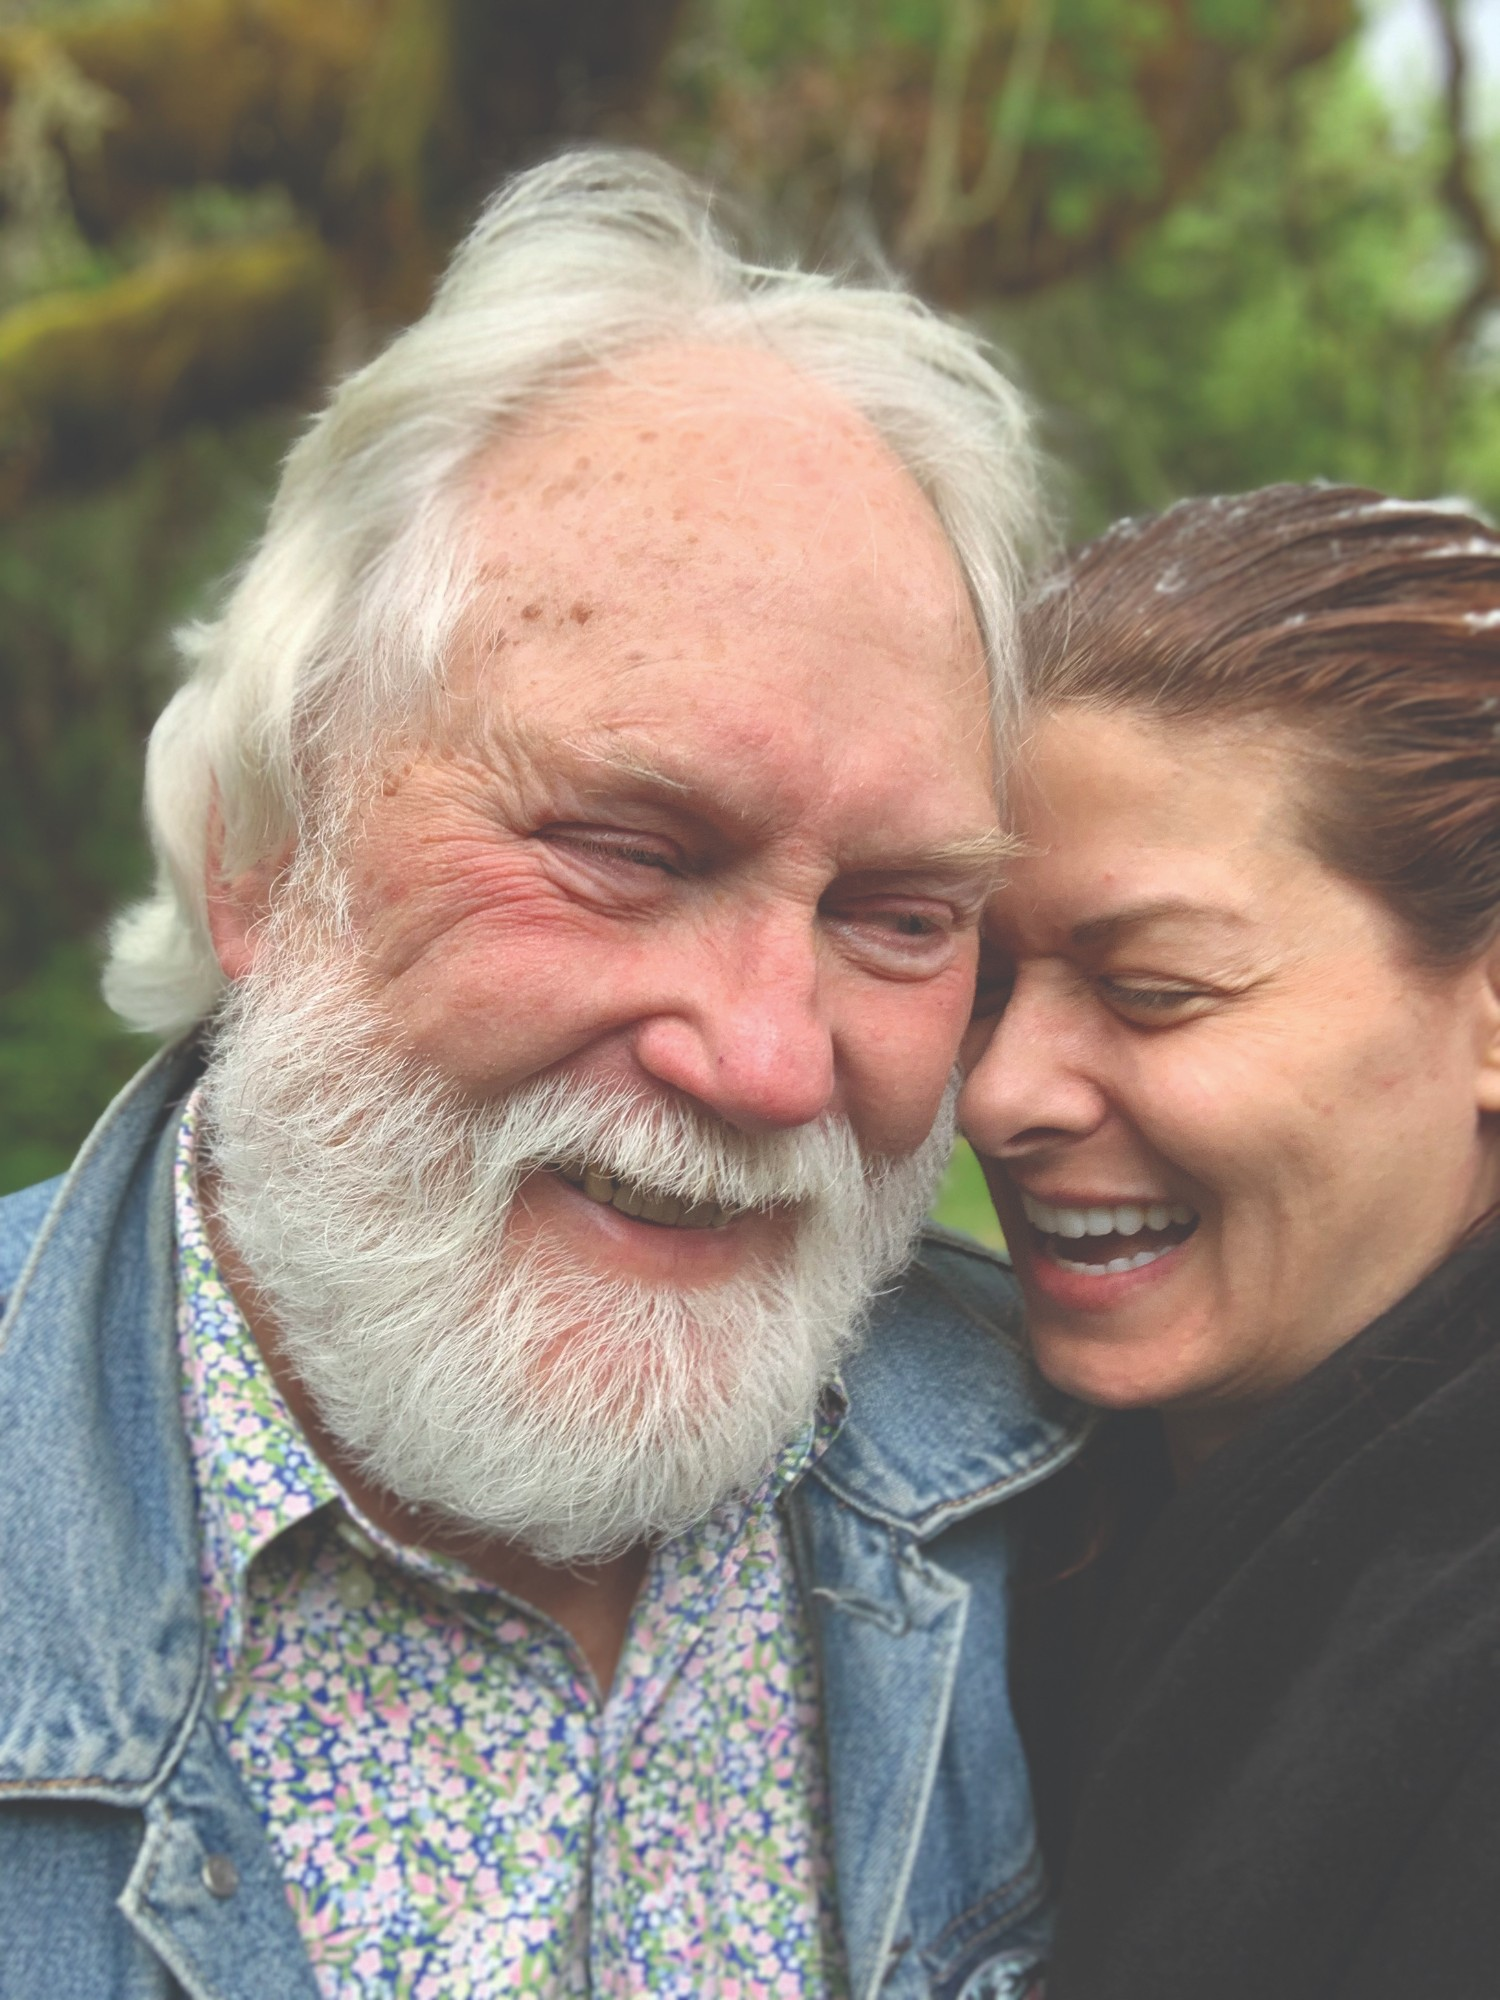 Robert Pyle and Debra Messing